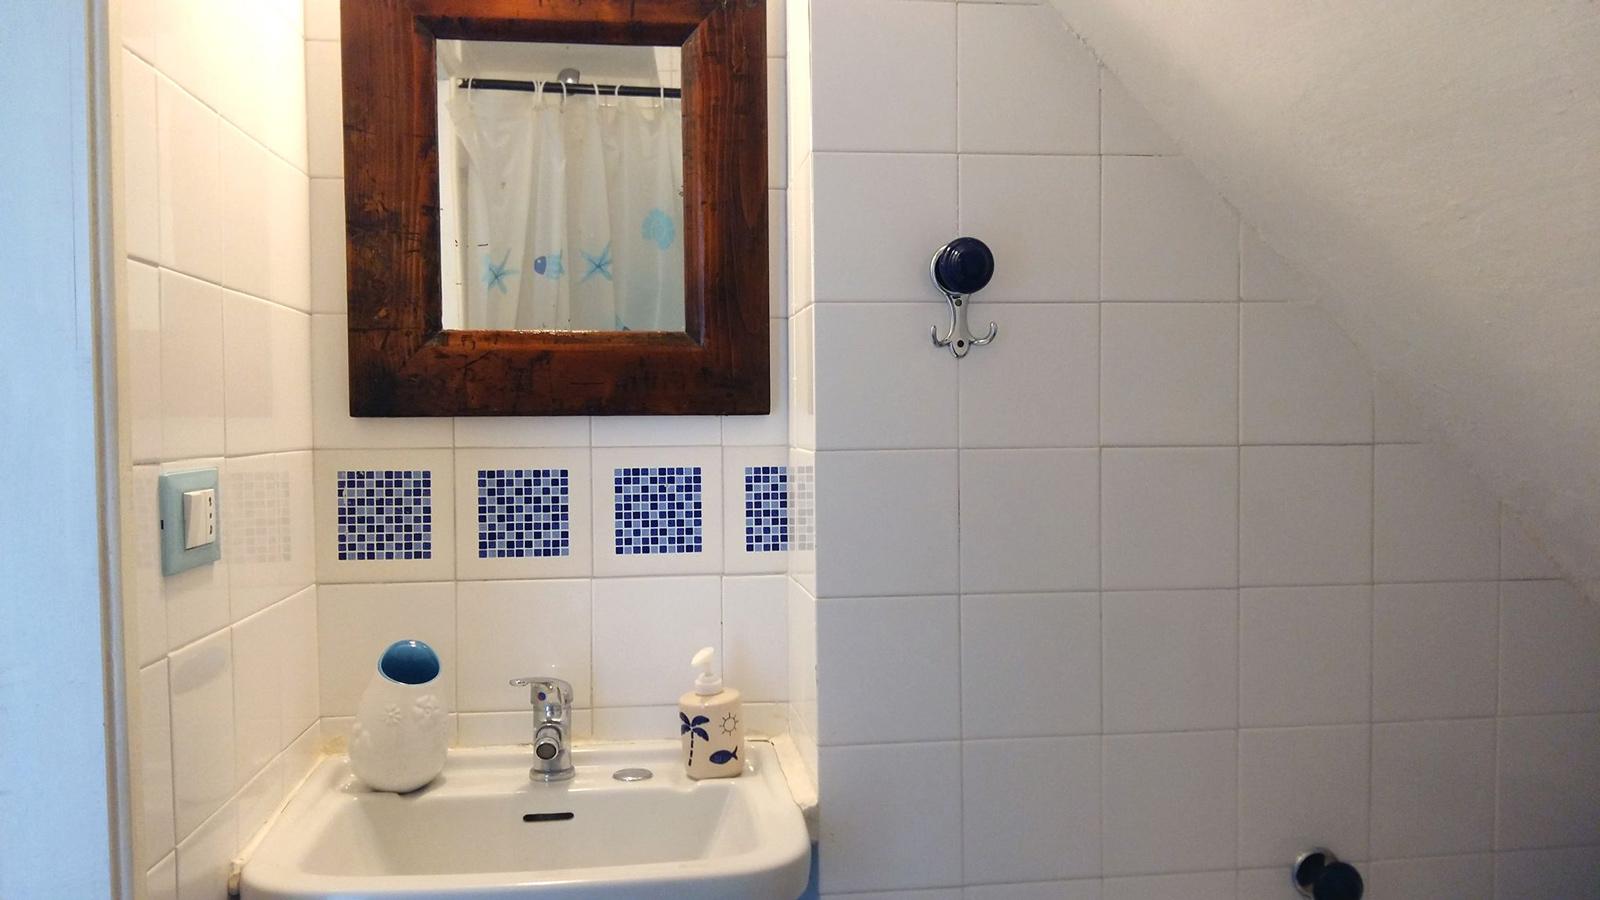 vacanze ostuni casa giovanna lavabo